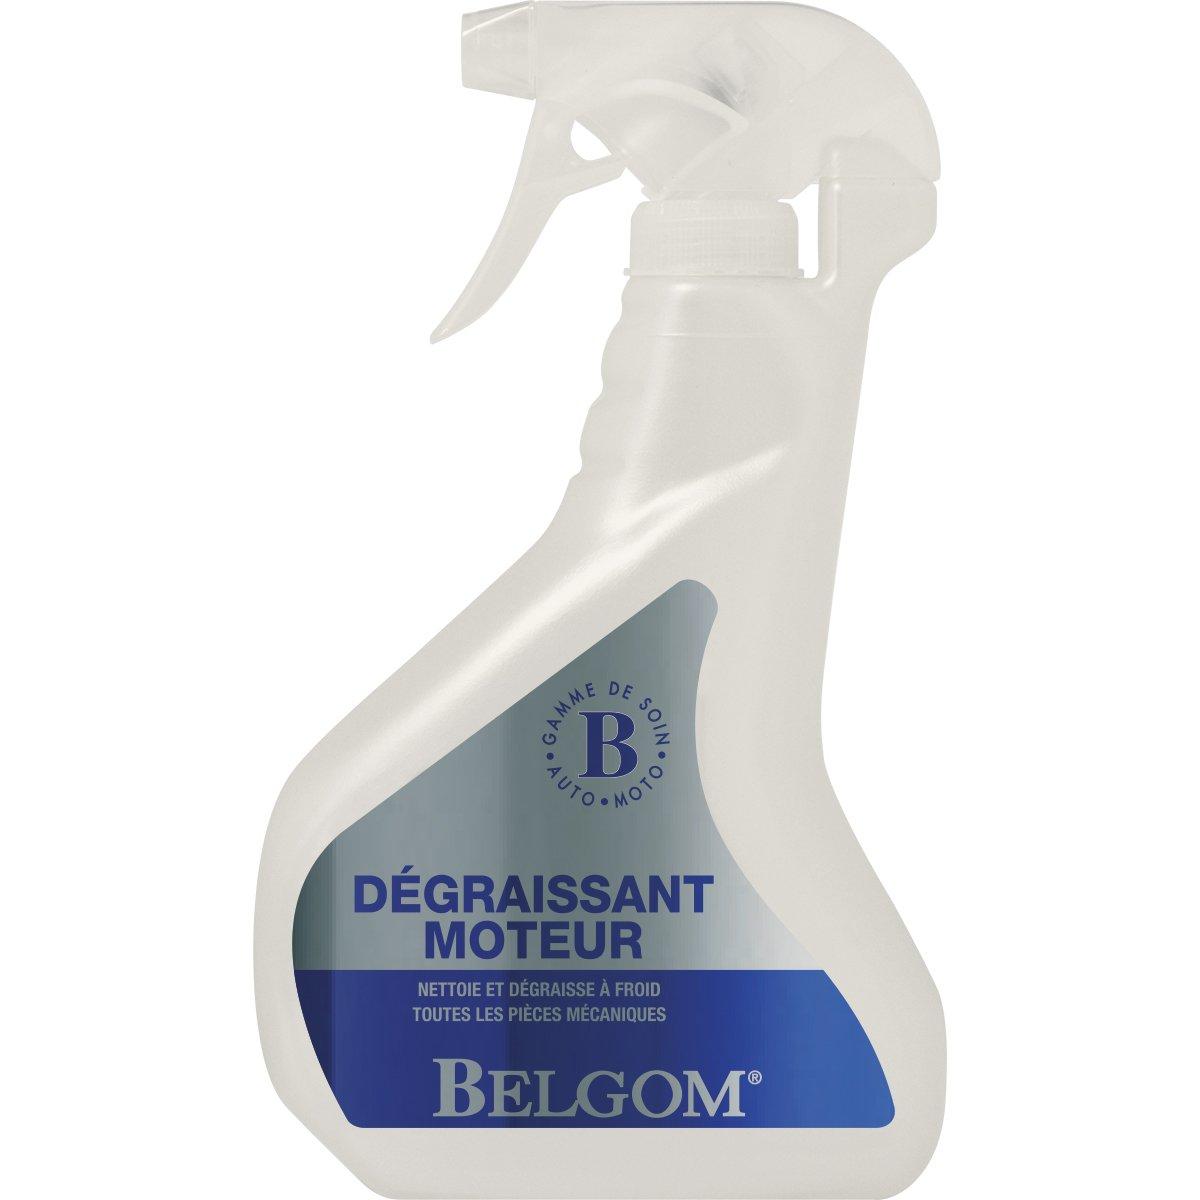 Belgom 12.0500 Dé graissant Moteur, 500 ML Soditen 02264893